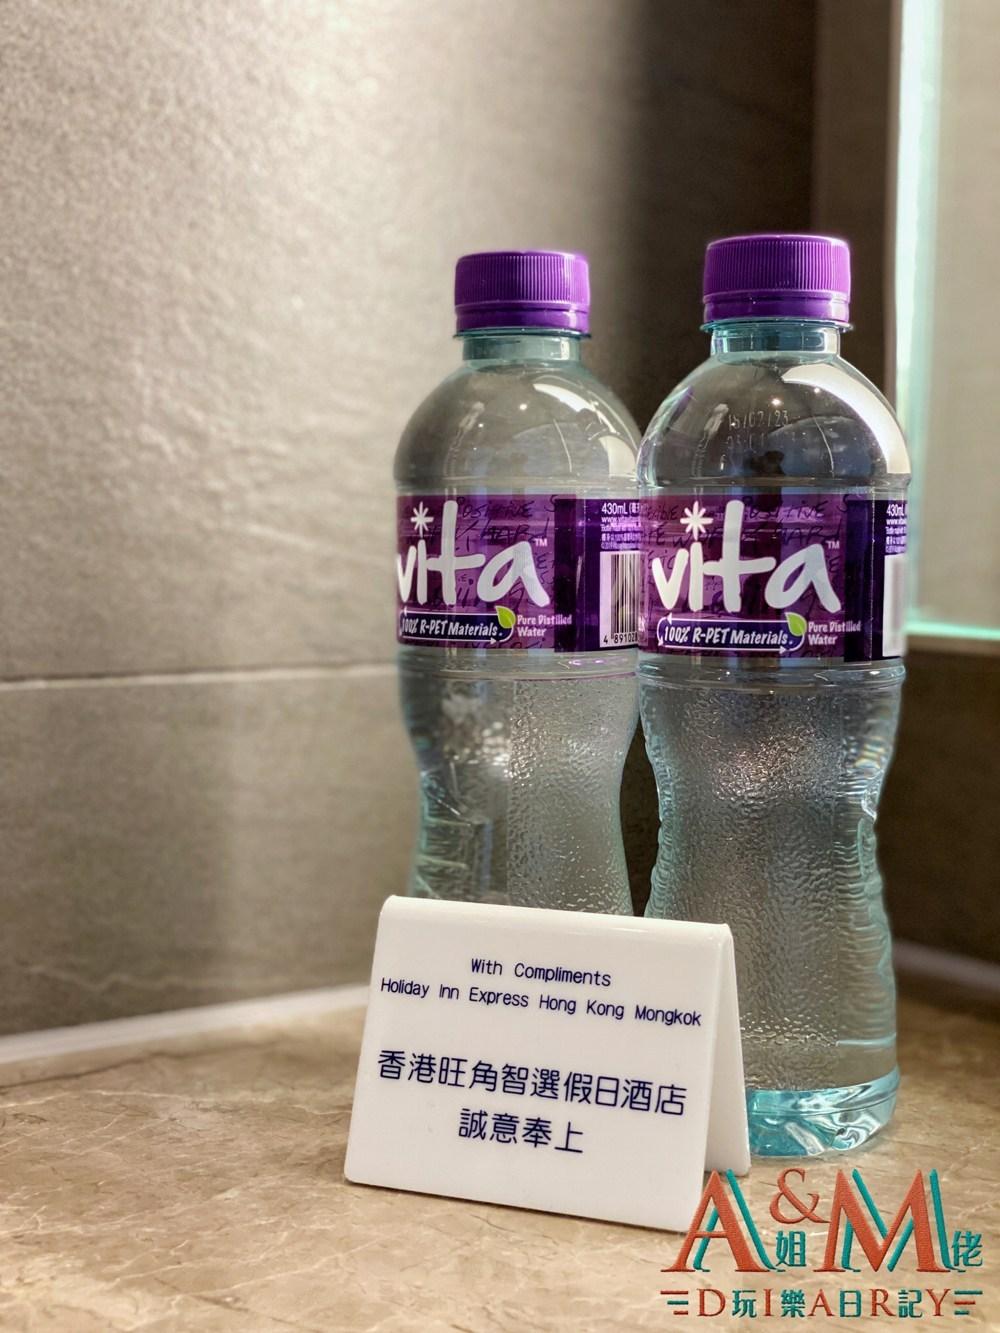 【香港Staycation】星級品牌月租酒店 旺角智選假日酒店